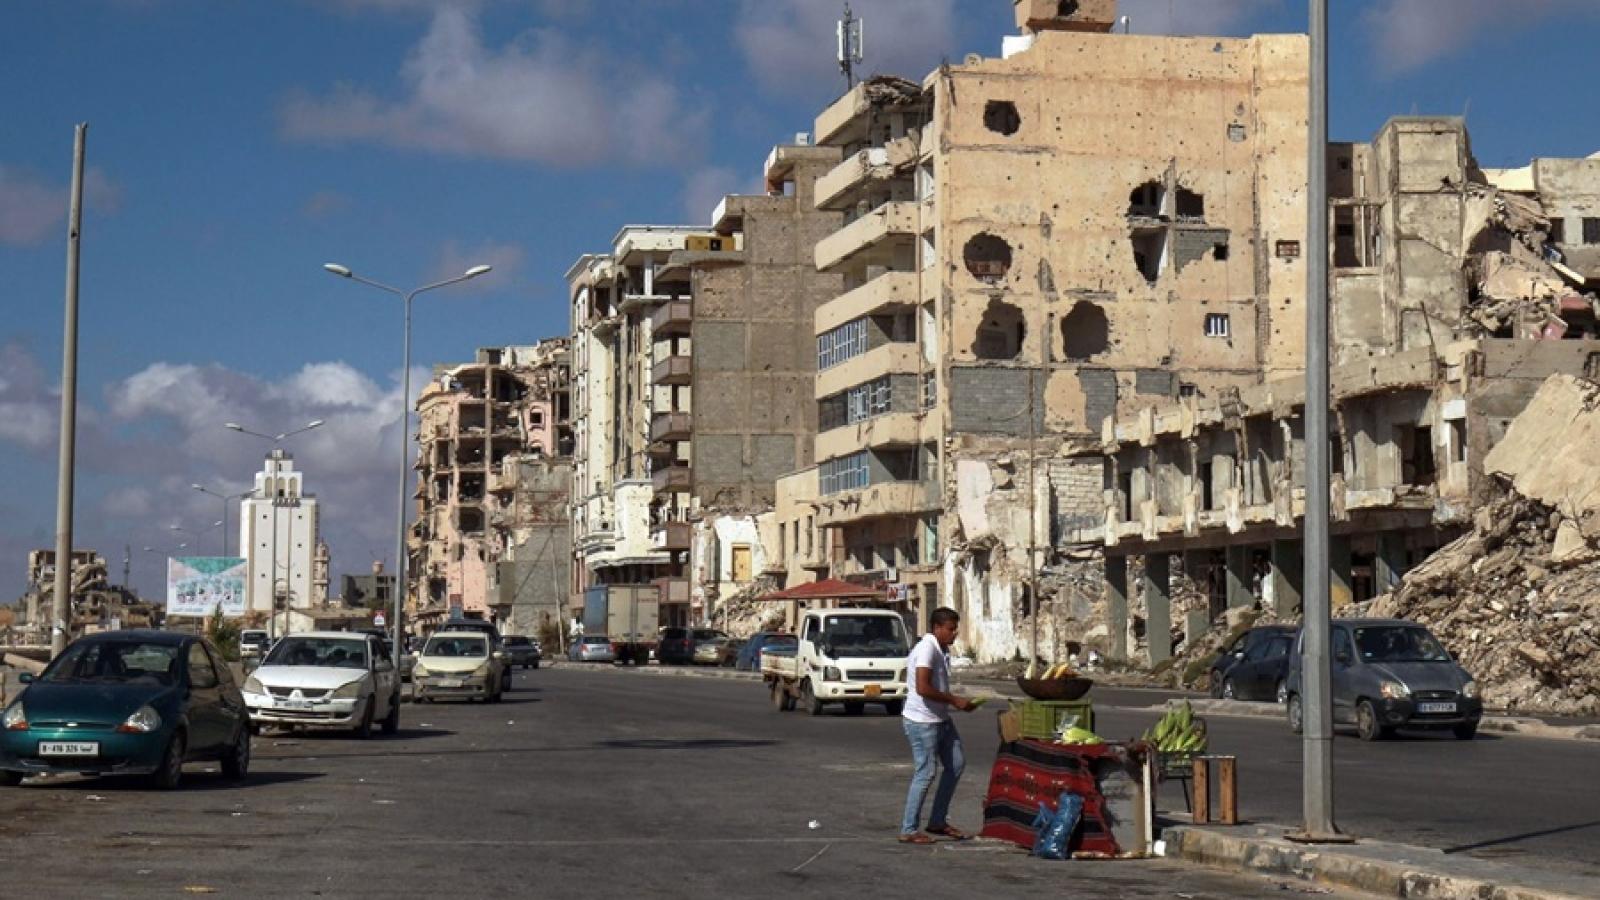 Libya chính thức chọn được chính phủ lâm thời - Con đường tiến tới hòa bình